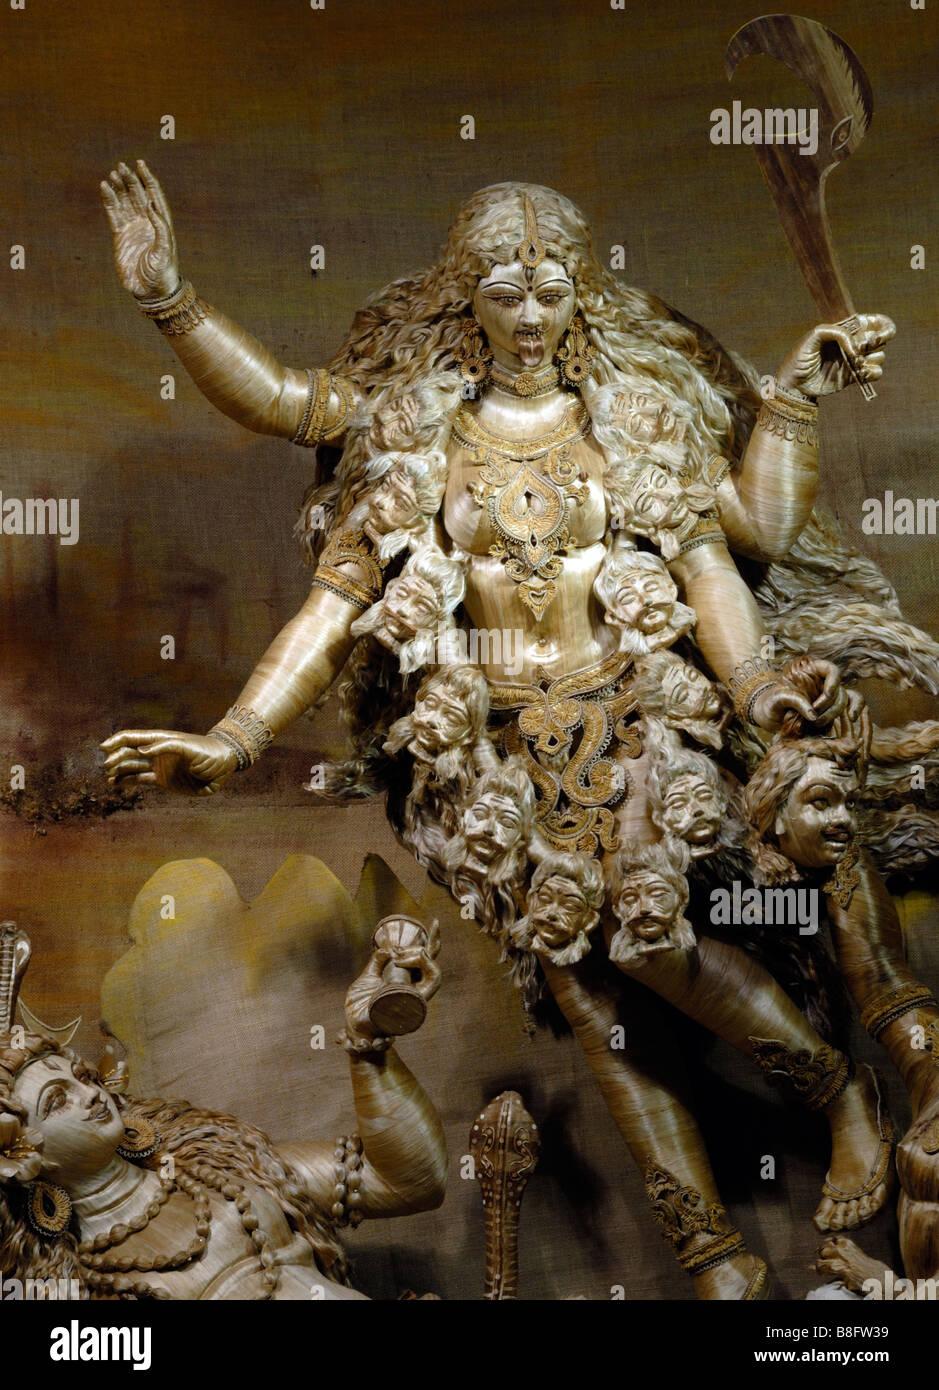 Kali puja pandal in bangalore dating 4